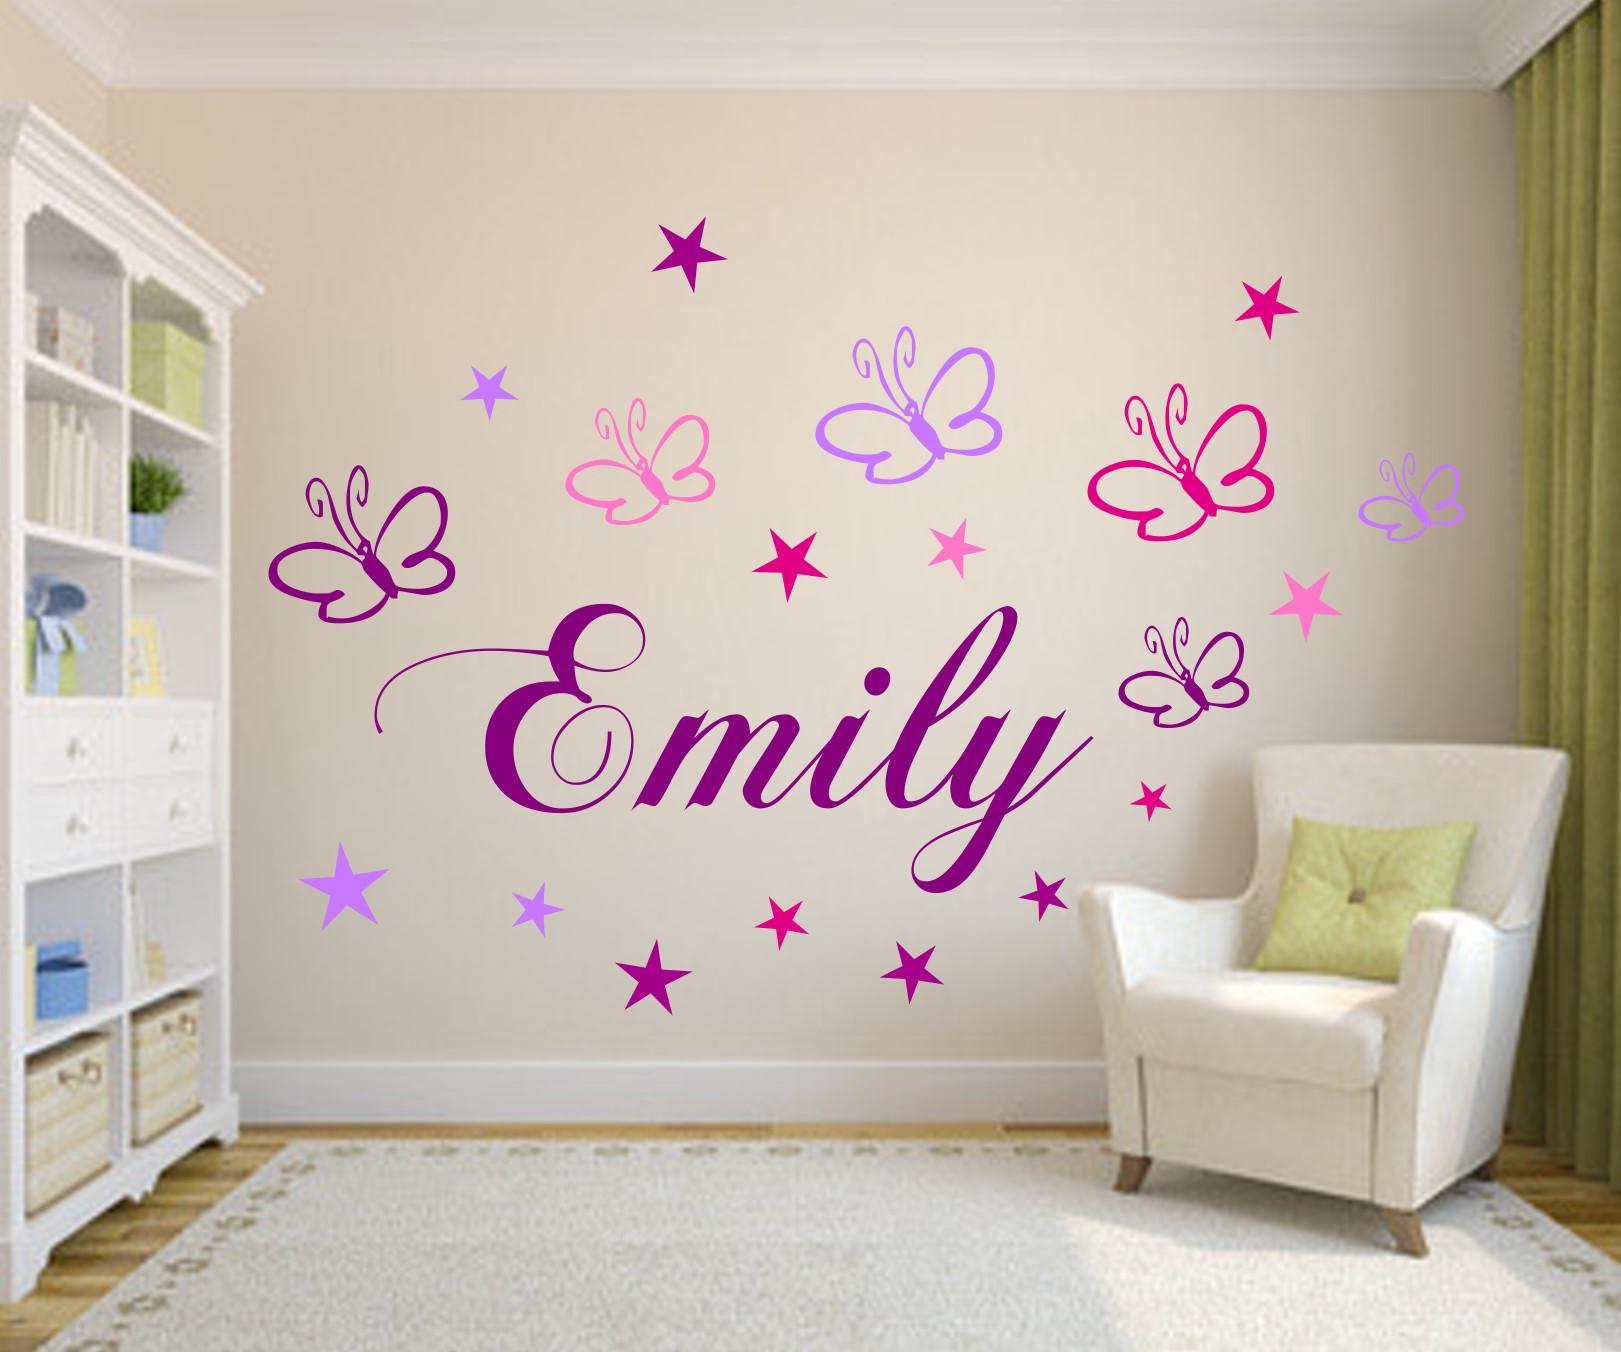 Details zu Wandtattoo Kinderzimmer Wunsch Namen Schmetterlingen+Sternen  Baby Mädchen Jungen